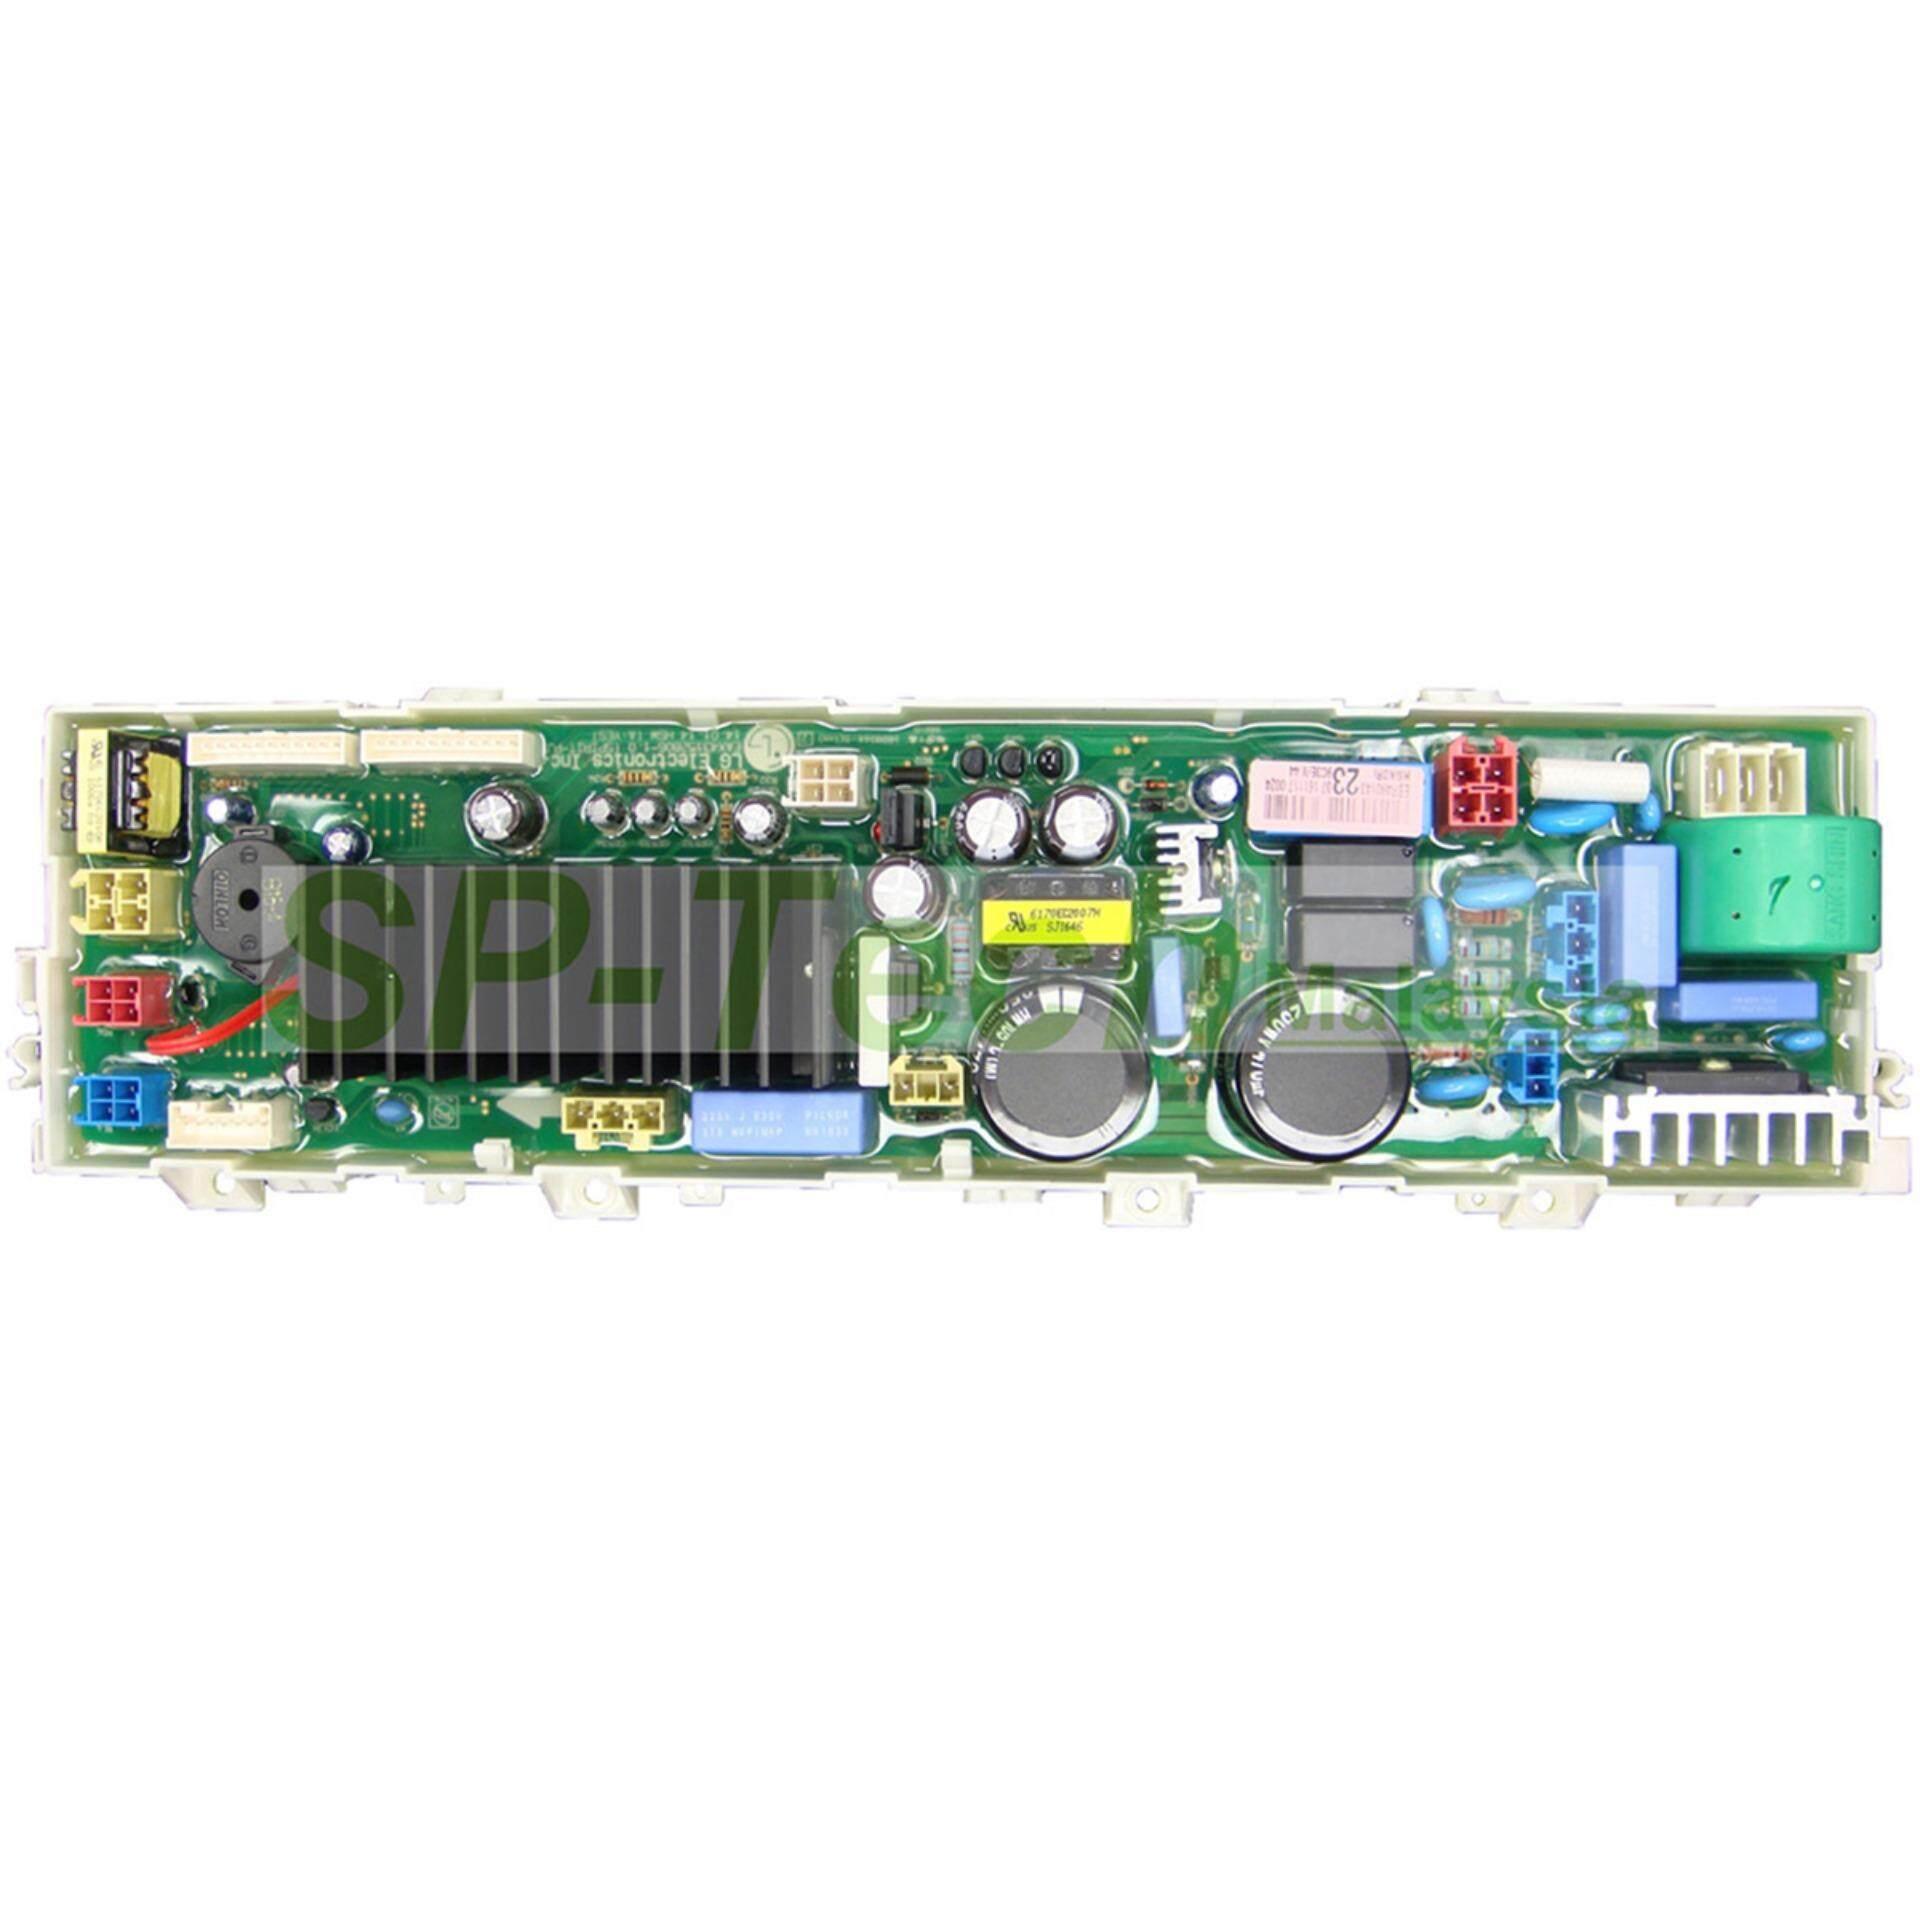 [PRE ORDER] WF-HD110GV LG WASHING MACHINE PCB BOARD ORIGINAL